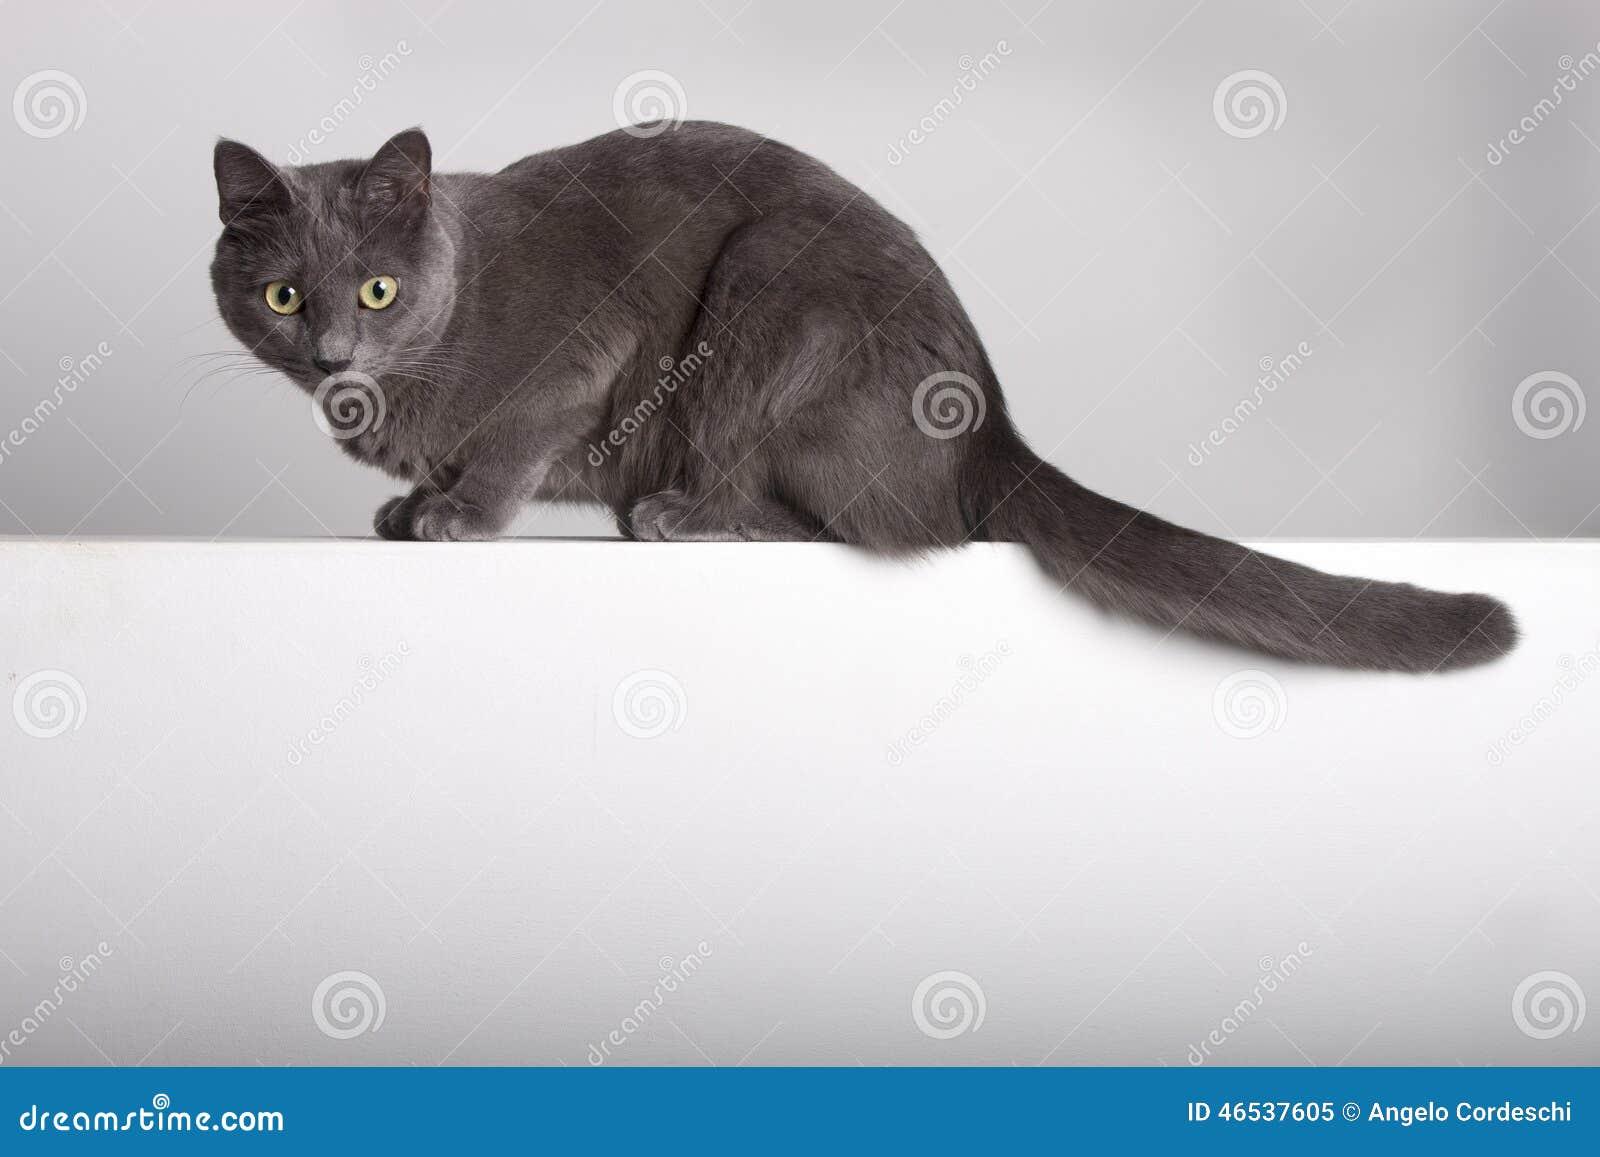 Retrato integral de un ruso cartujo/azul felino gris en la pared